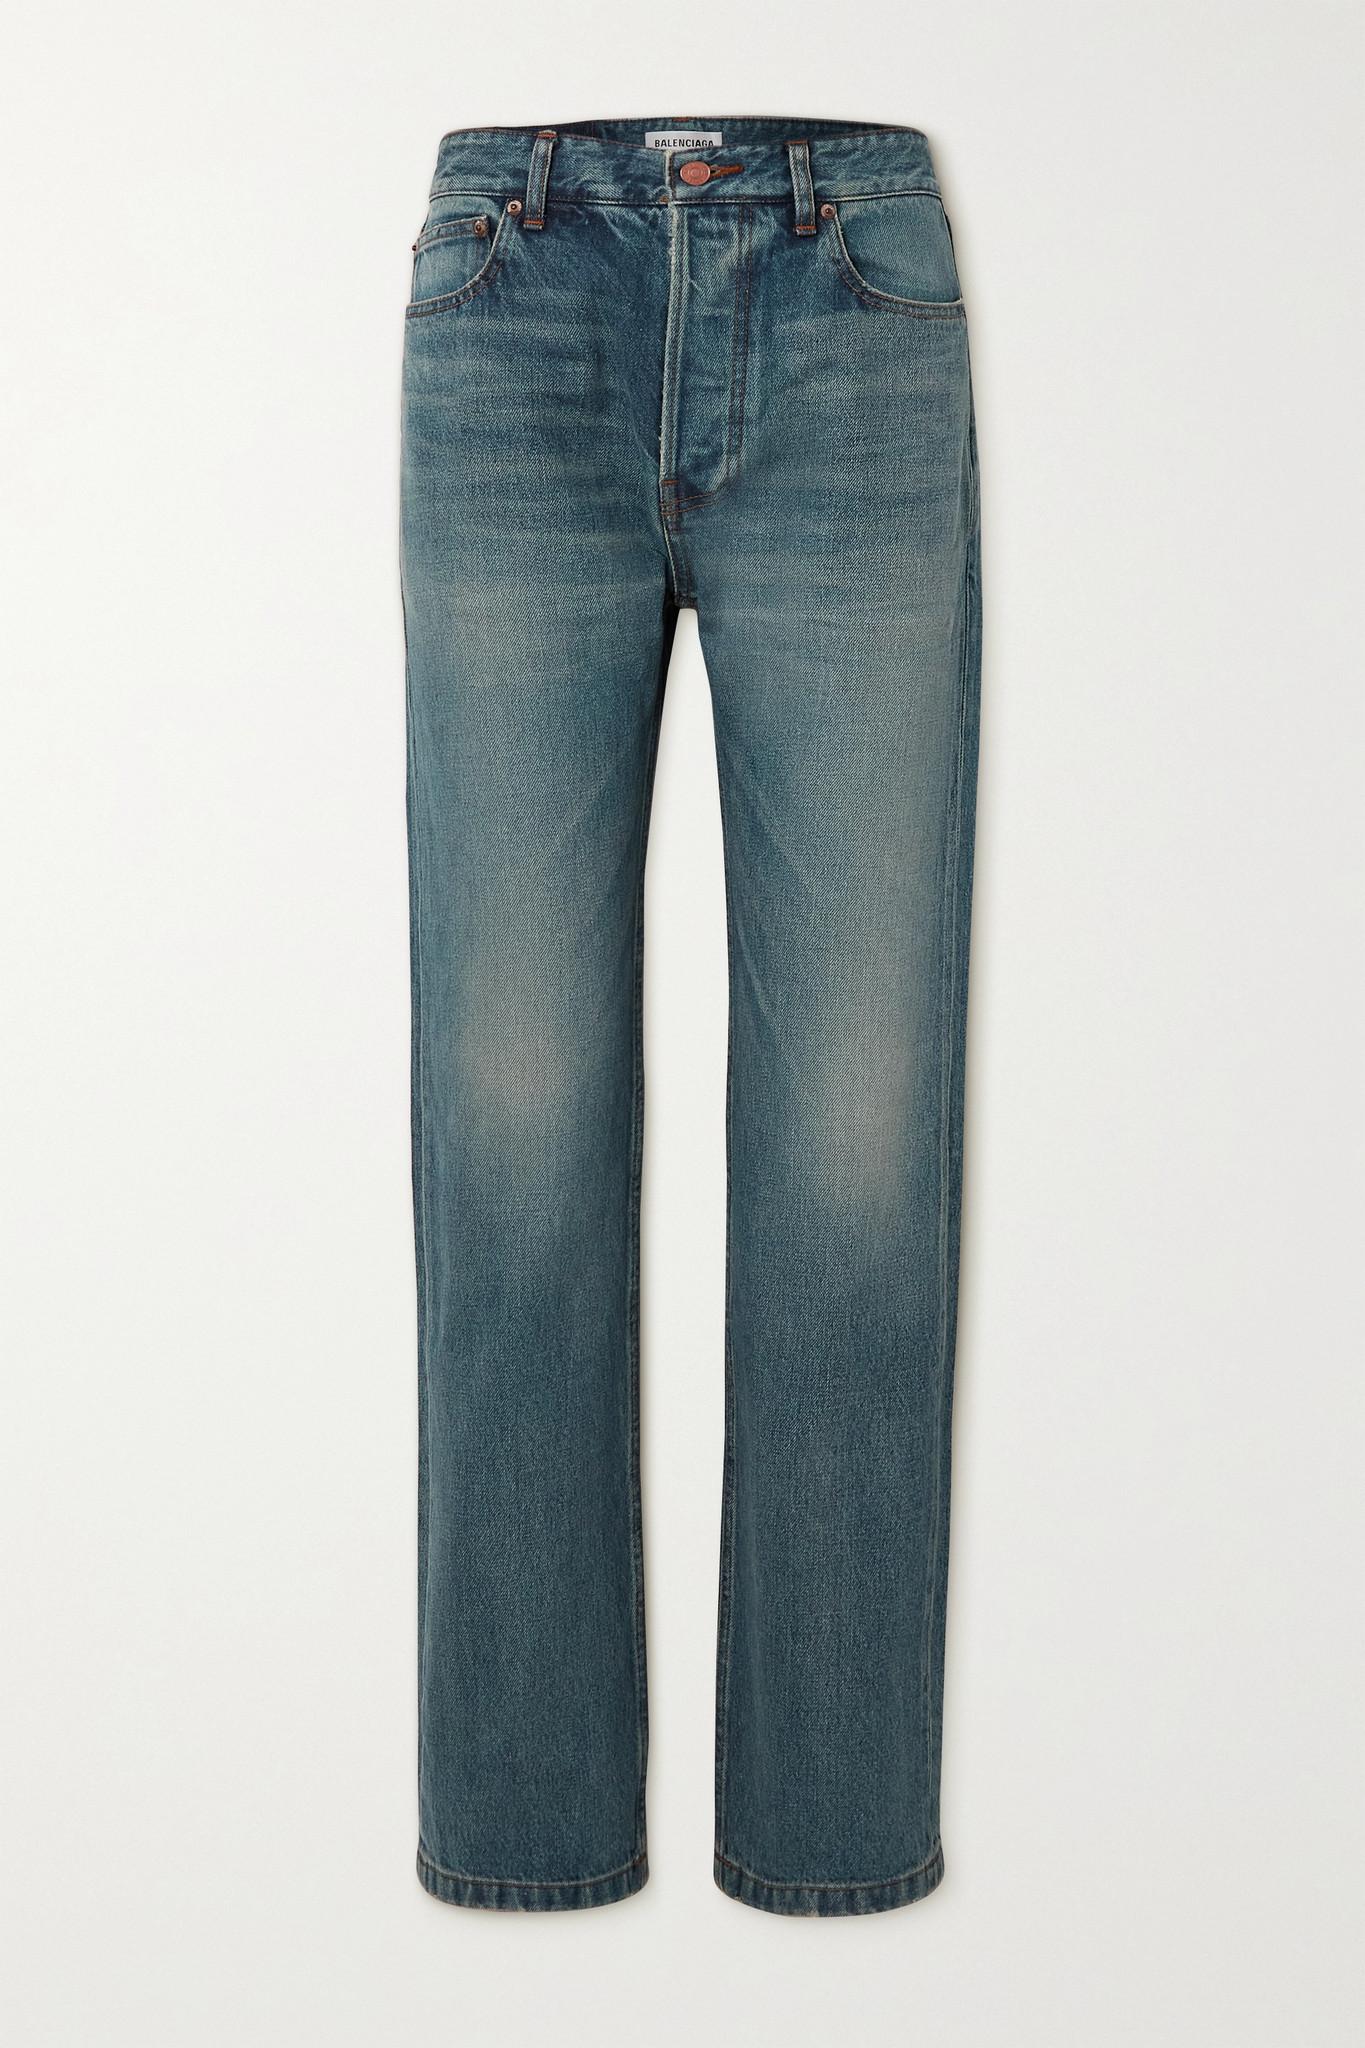 BALENCIAGA - Mid-rise Straight-leg Jeans - Blue - 24